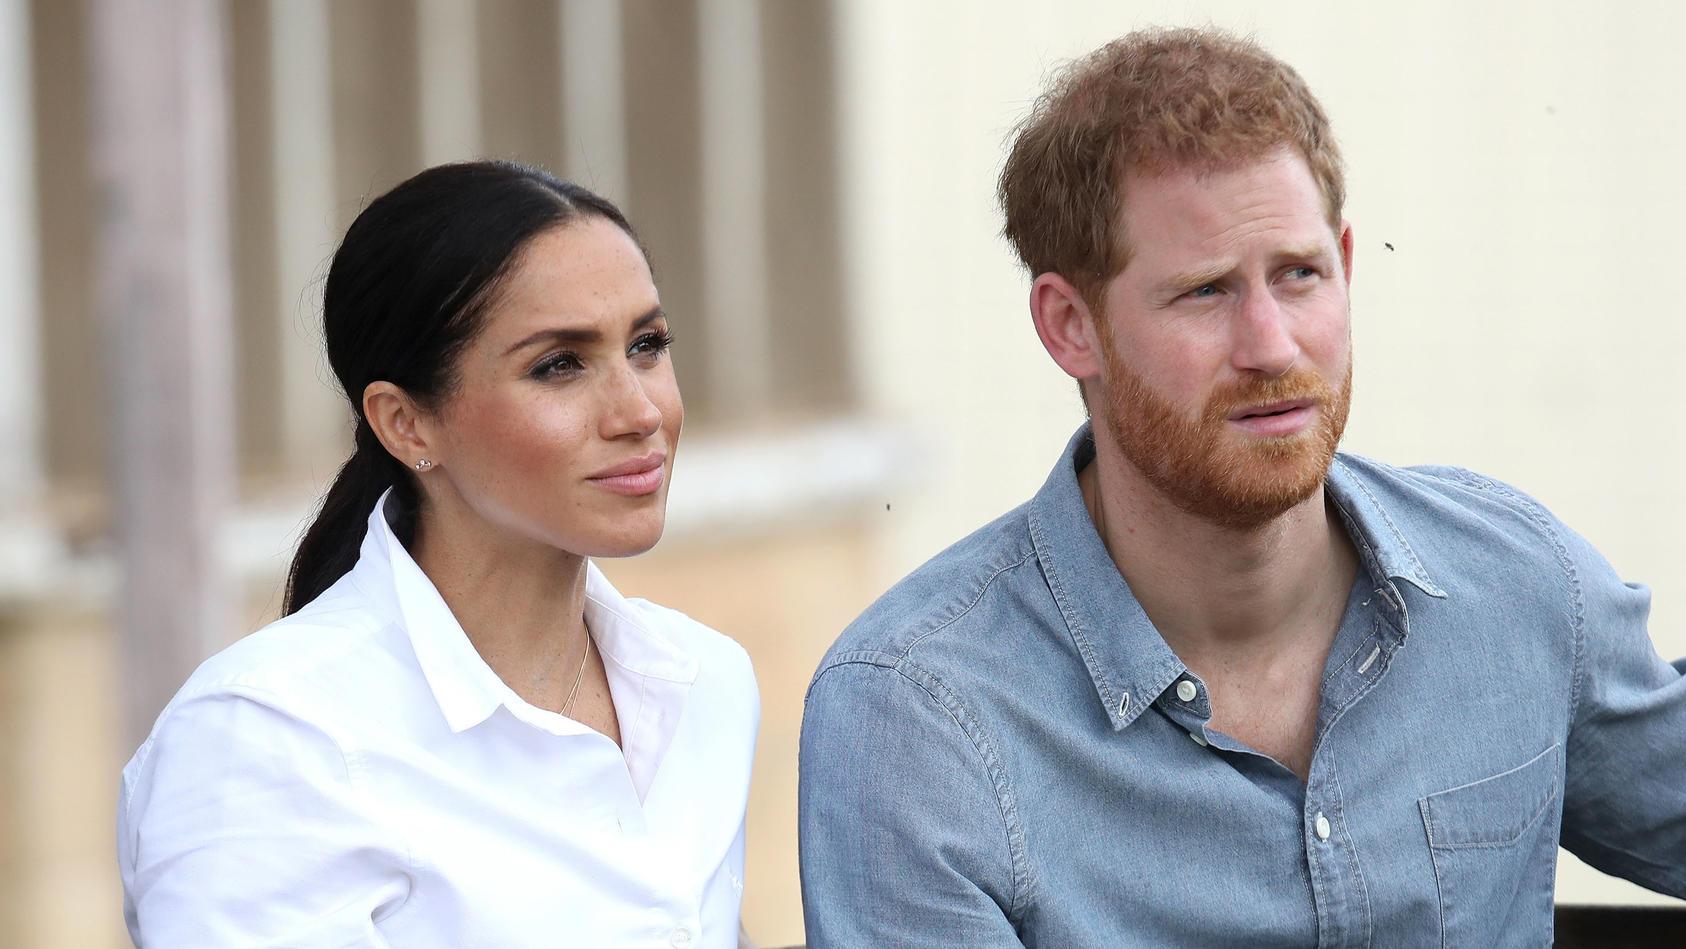 Prinz Harry hatte Angst um seine Beziehung mit Herzogin Meghan und ihr Wohlergehen.